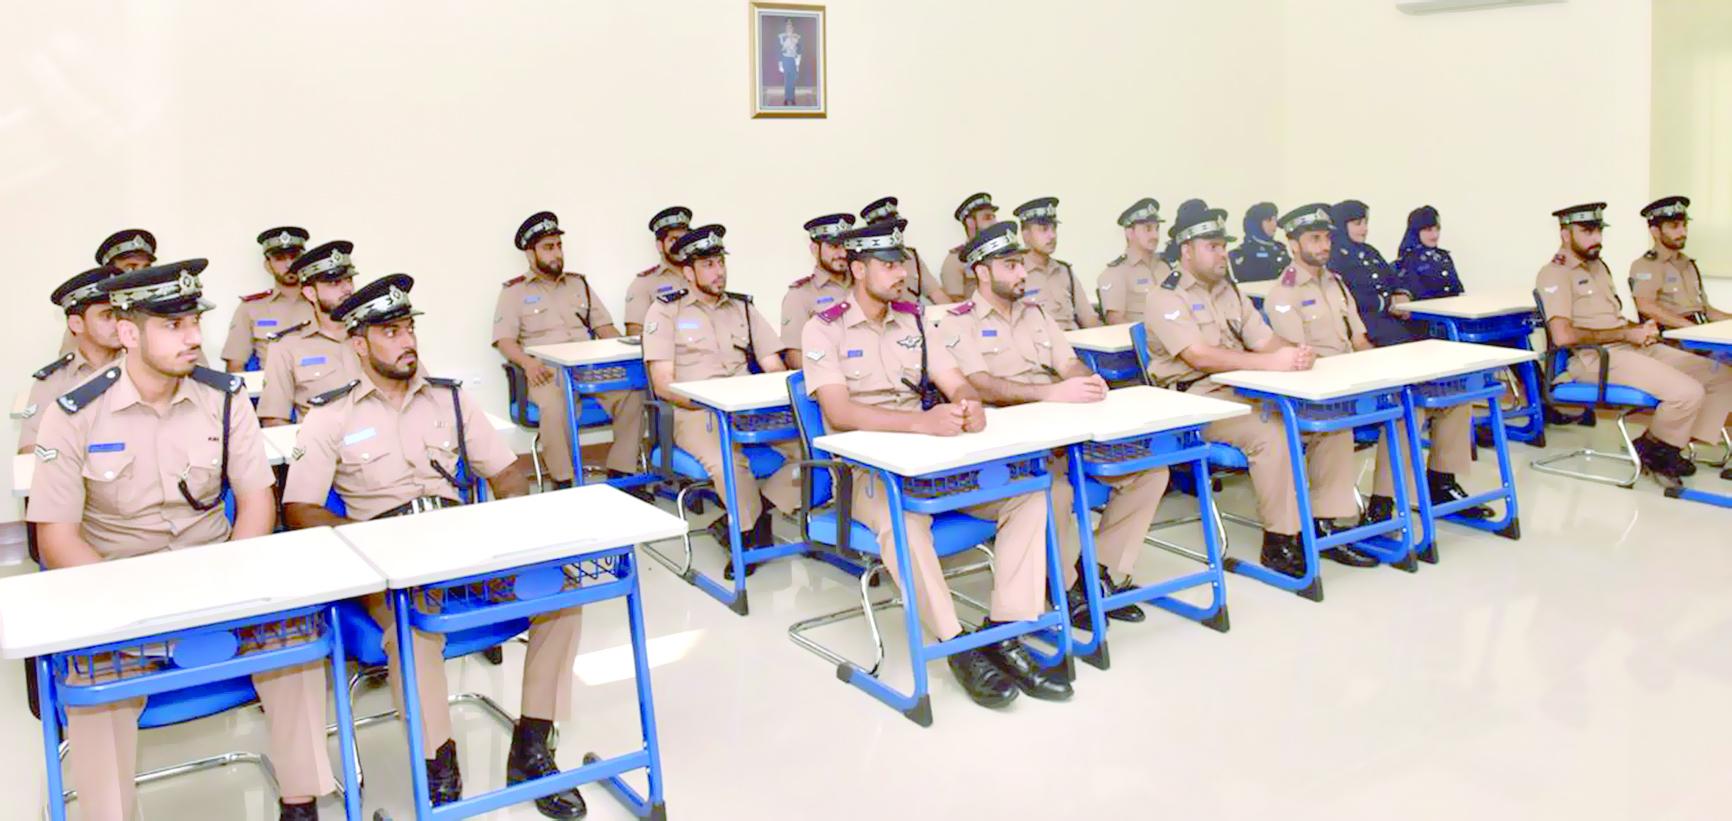 افتتاح دورة العلوم القانونية بقيادة شرطة محافظة شمال الباطنة